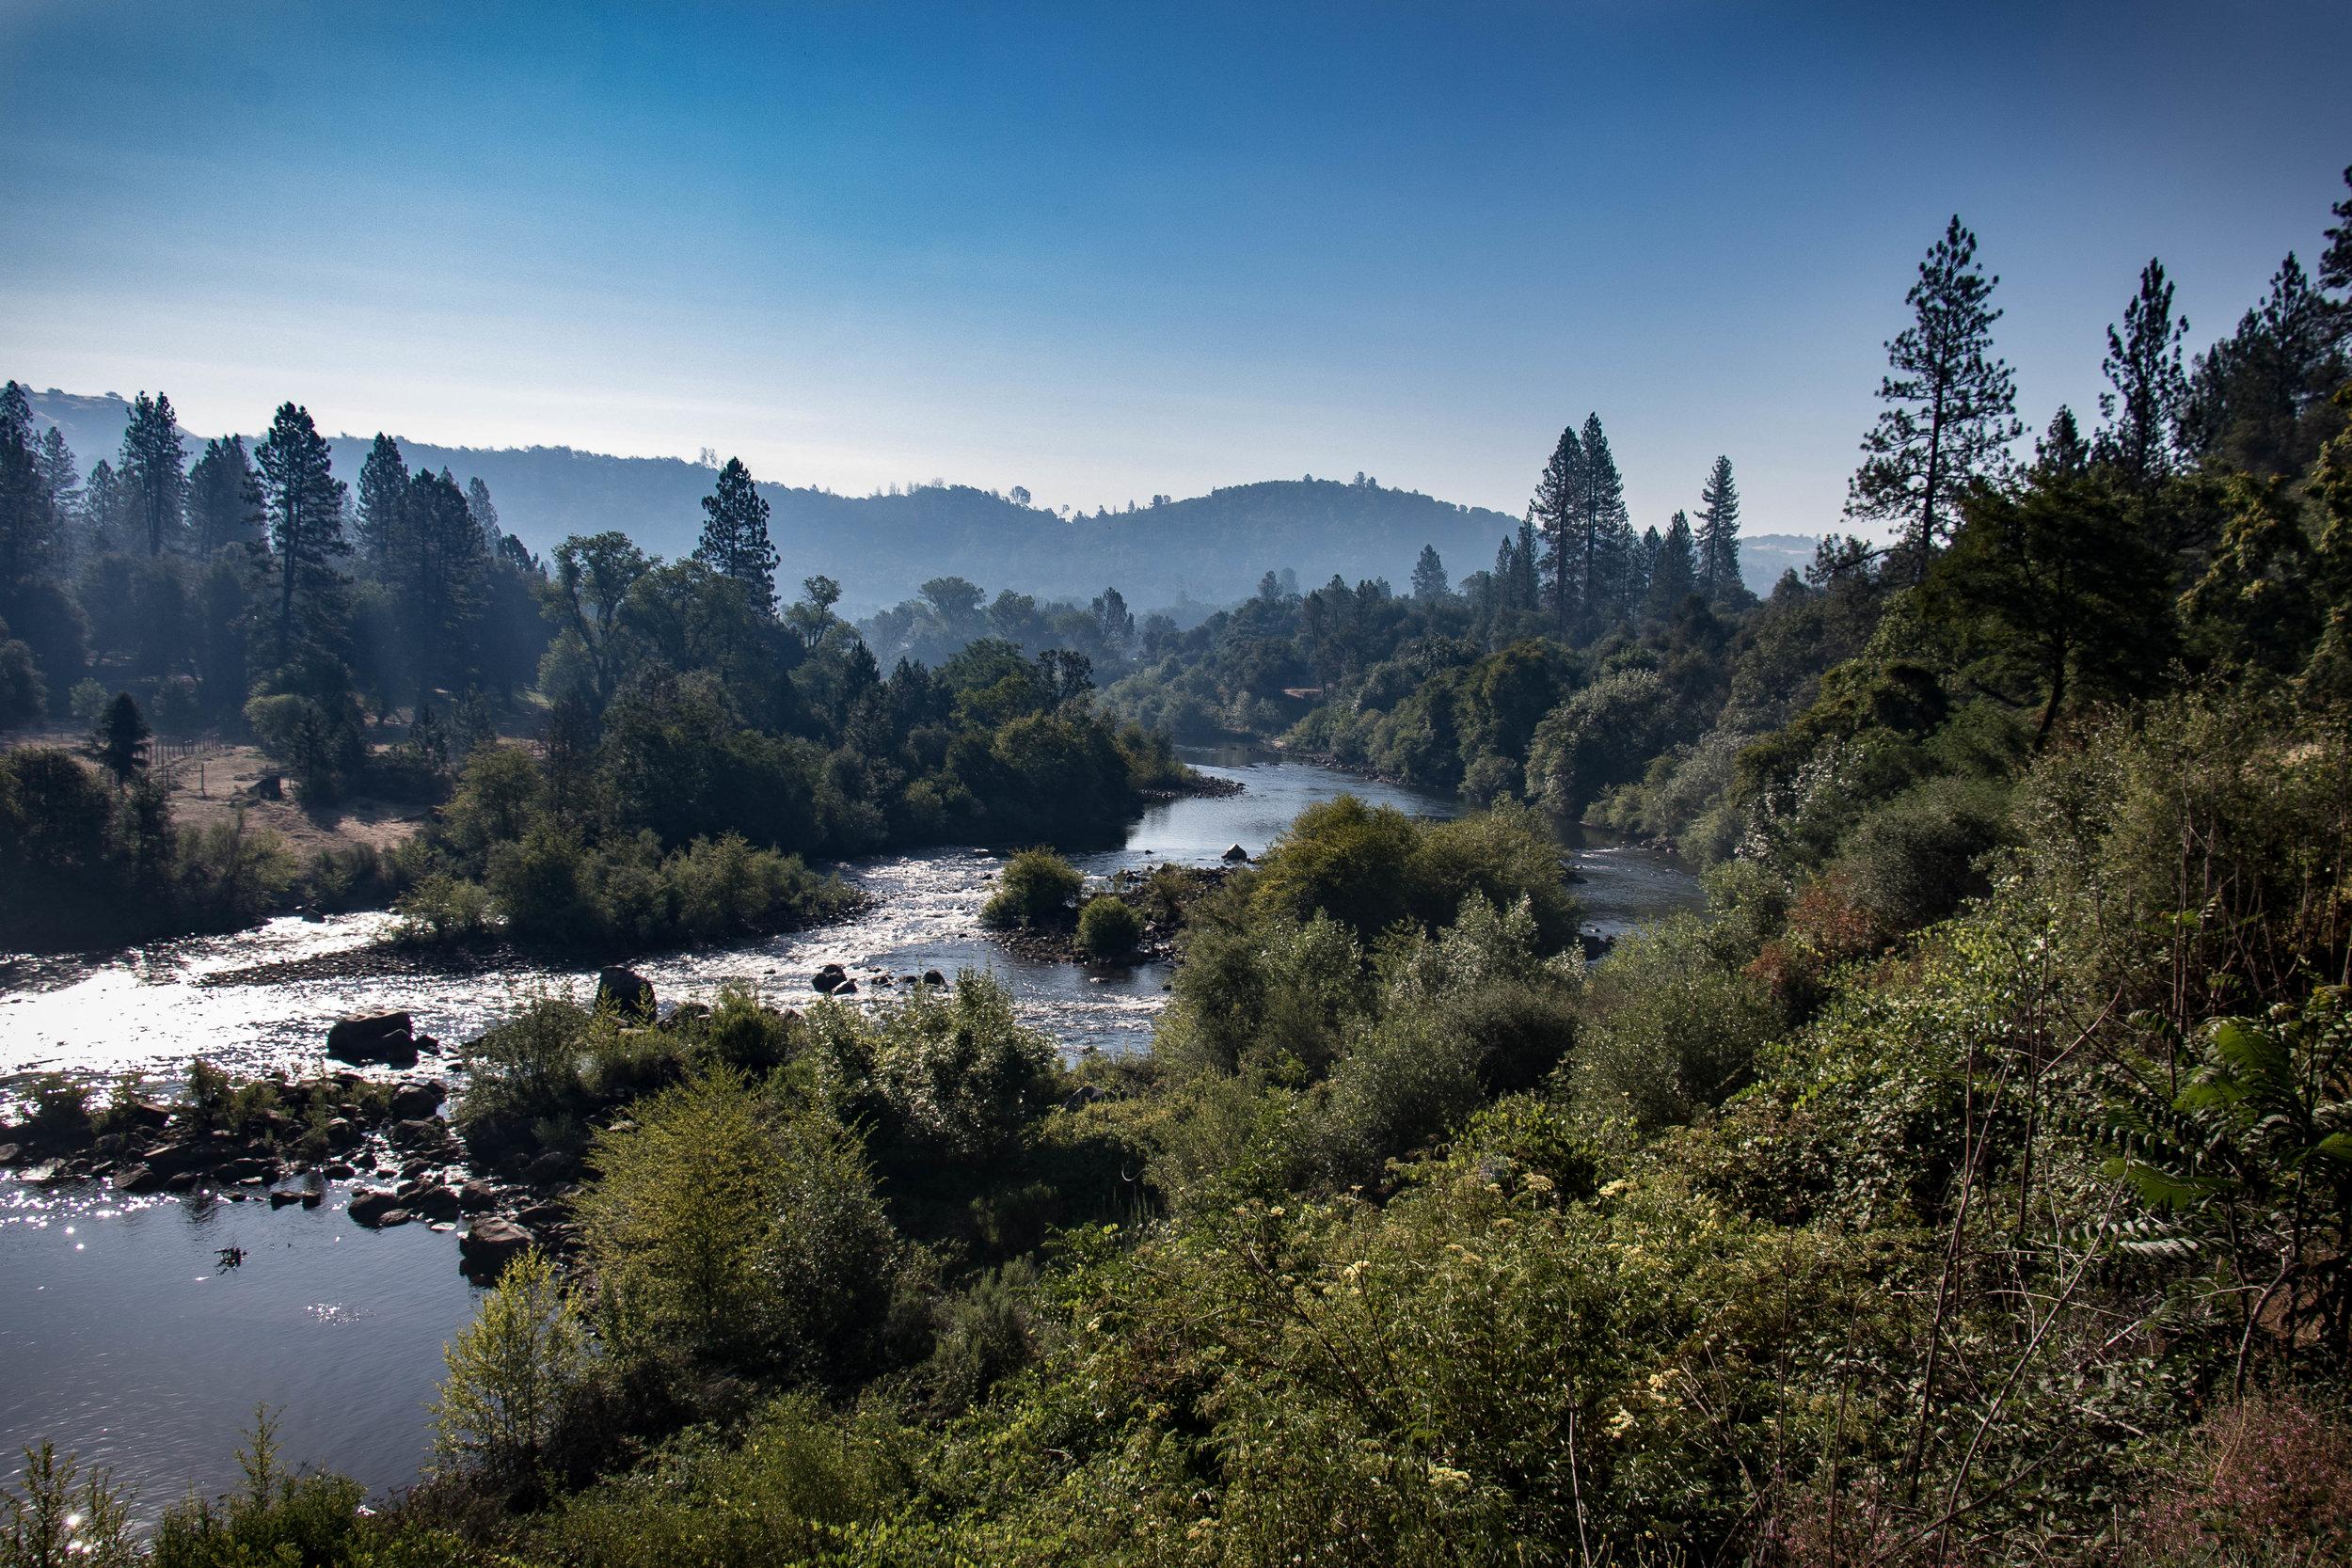 Beautiful scenery - Bassi Road, Lotus CA